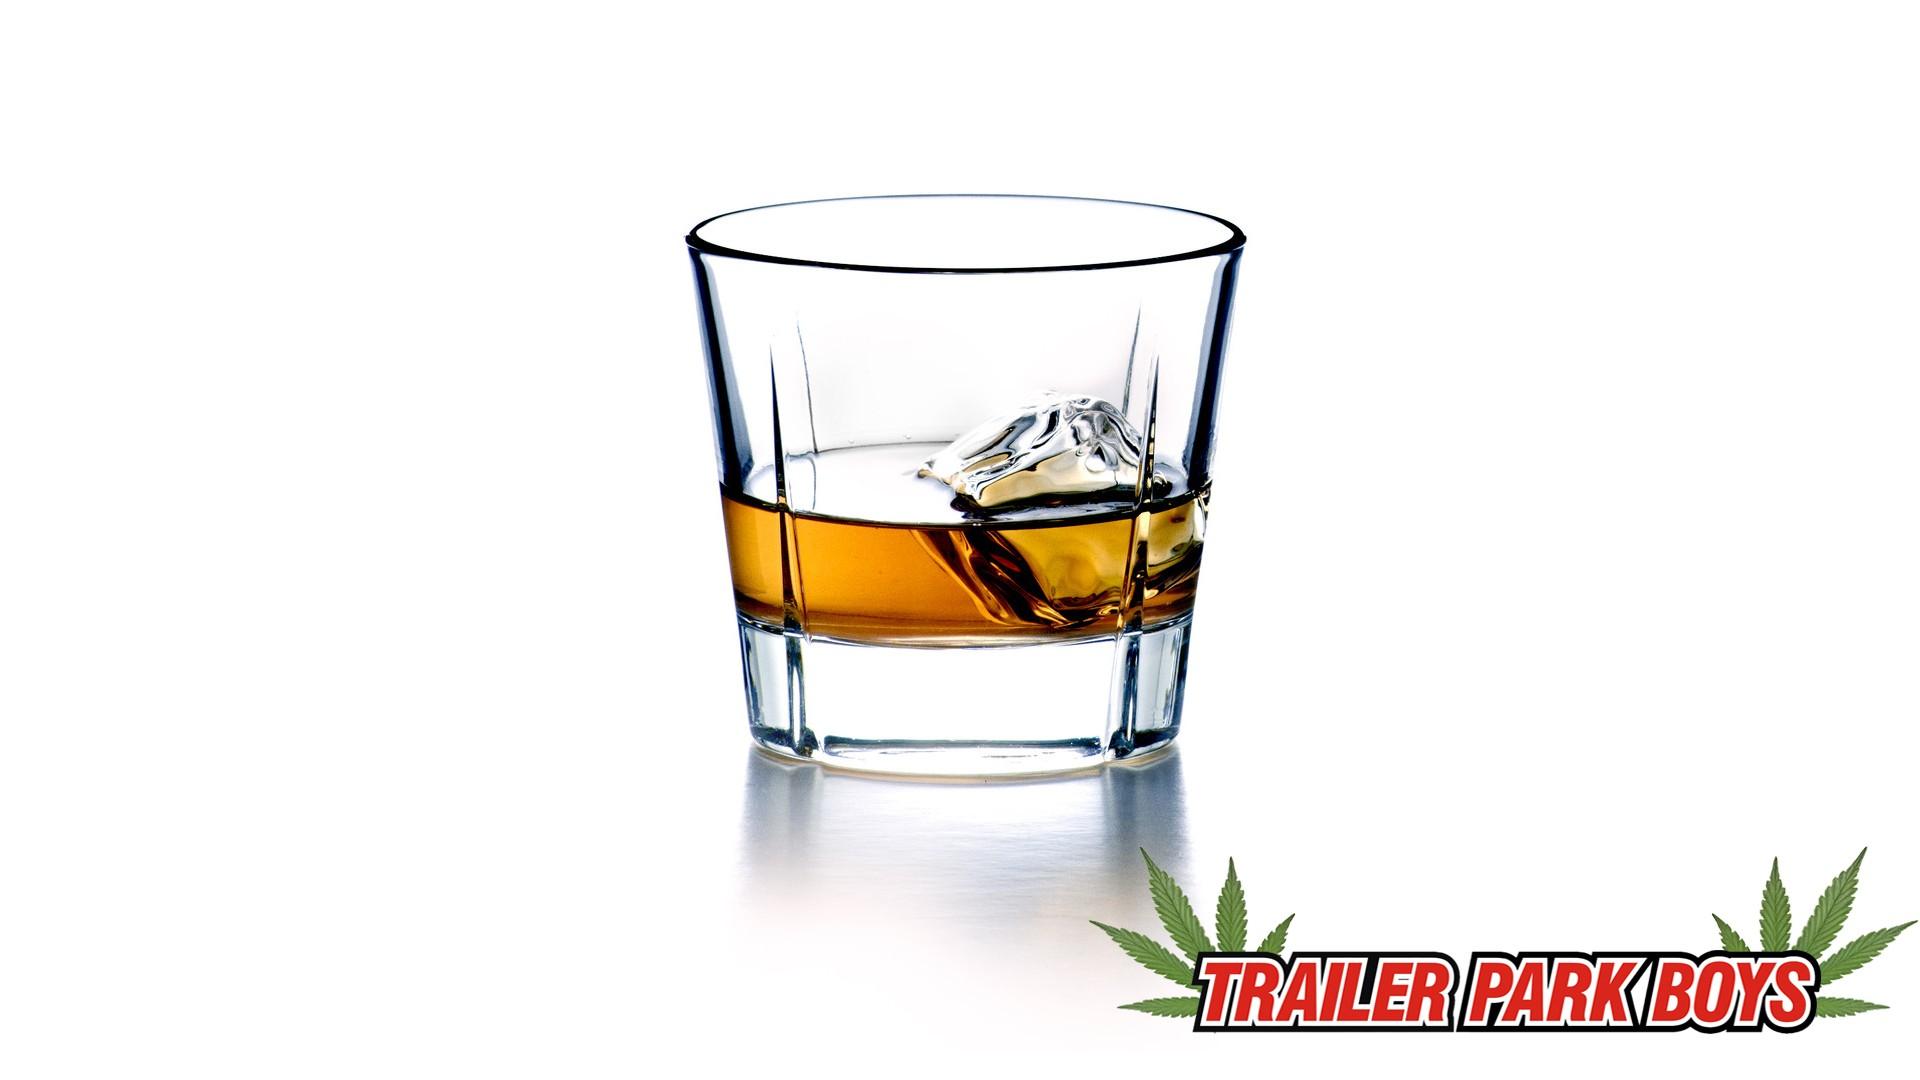 Wallpaper Drink Whisky Trailer Park Boys Distilled Beverage